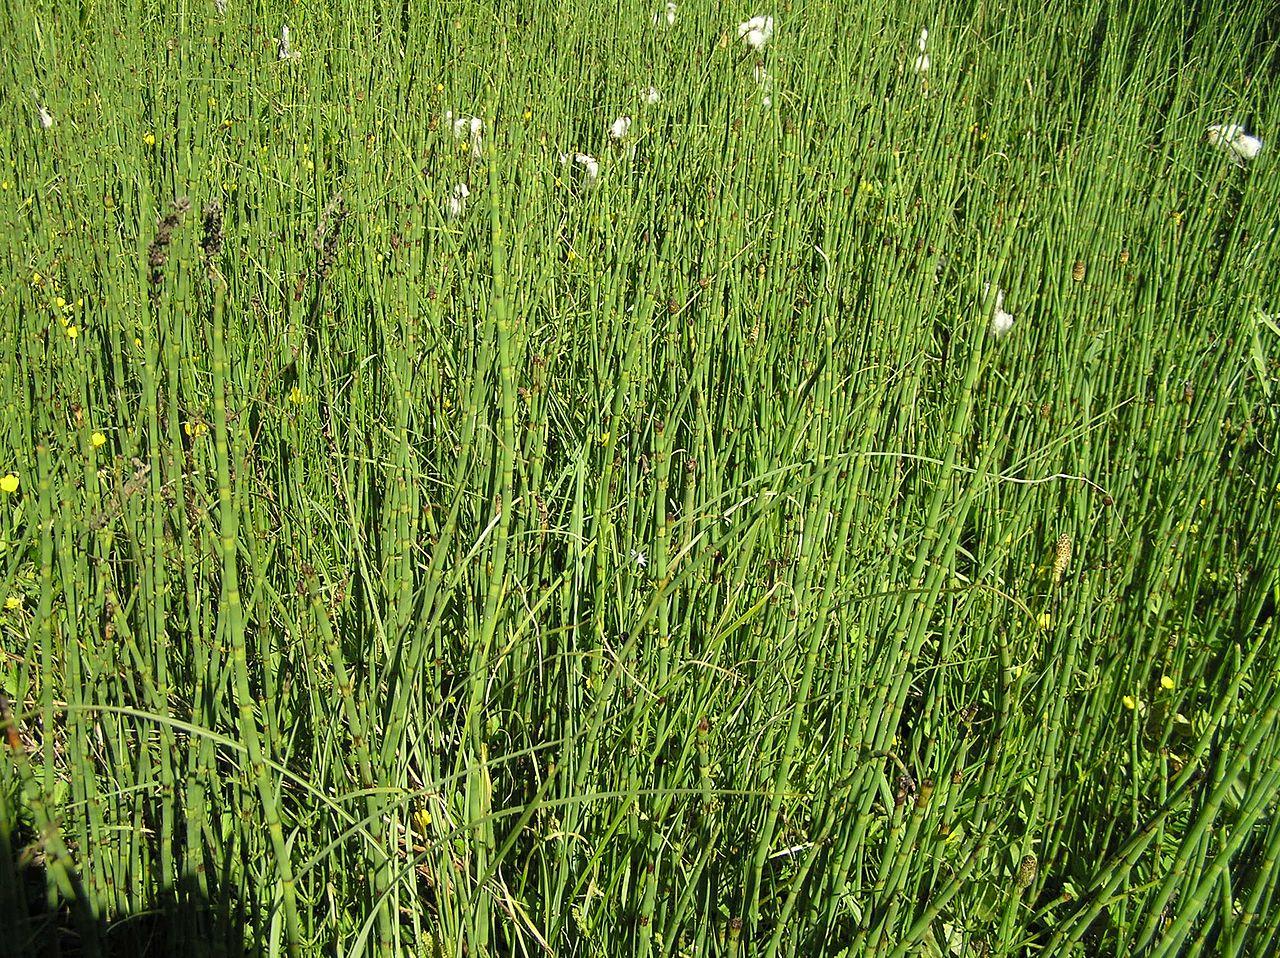 El Equisetum fluviatile crece en los ríos